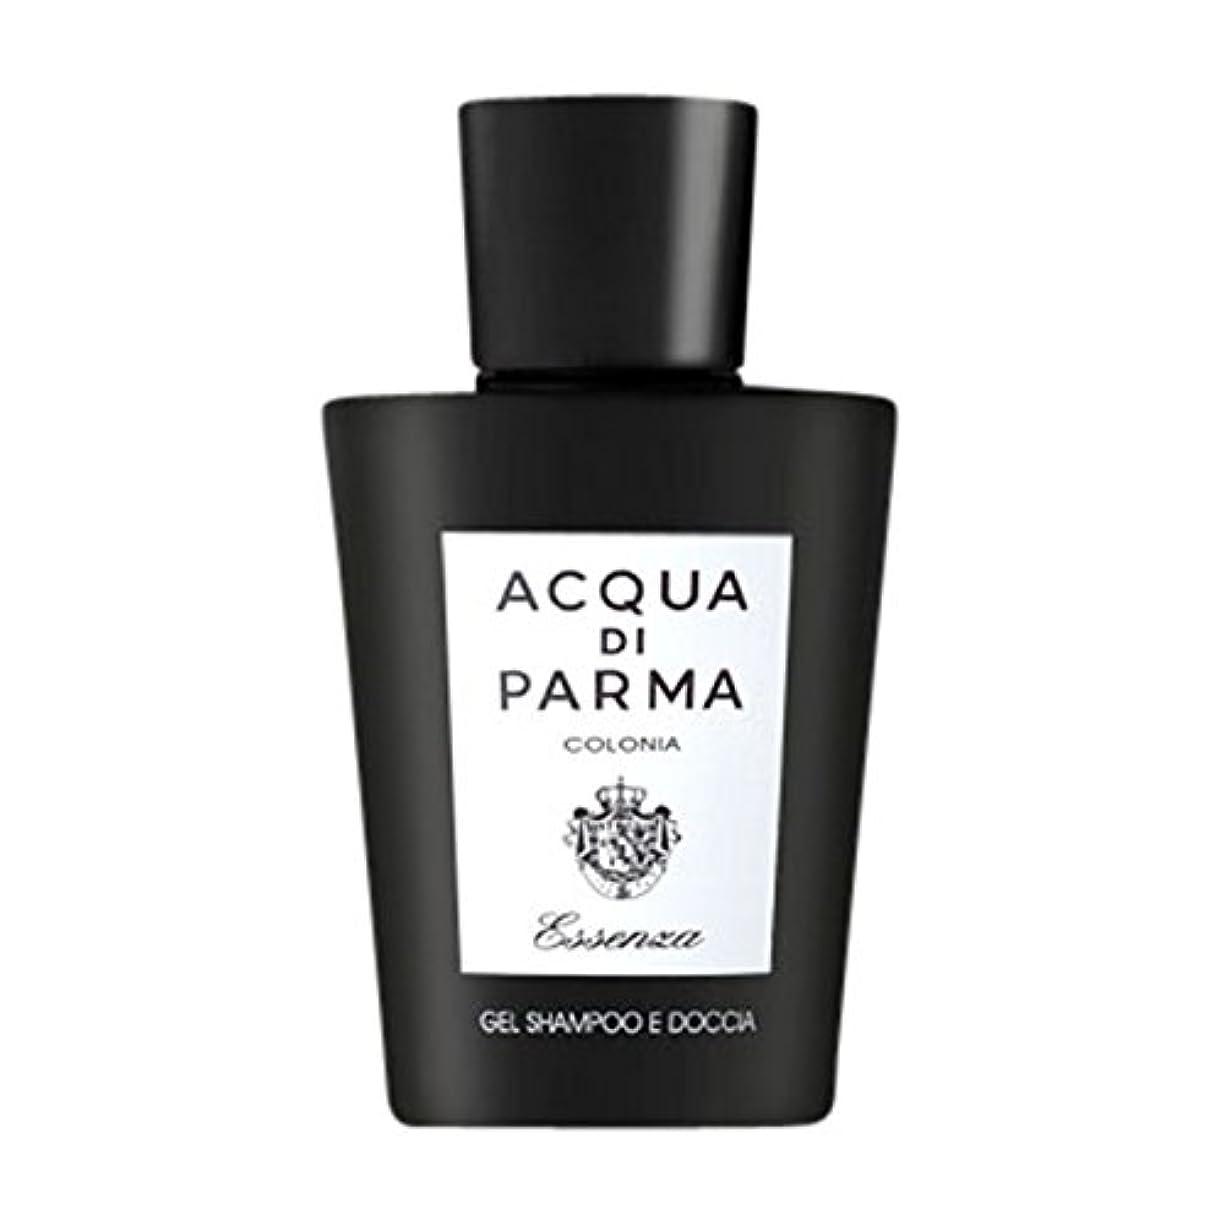 鮫濃度コートアクアディパルマコロニアEssenza髪とシャワージェル200ミリリットル (Acqua di Parma) (x6) - Acqua di Parma Colonia Essenza Hair and Shower Gel...